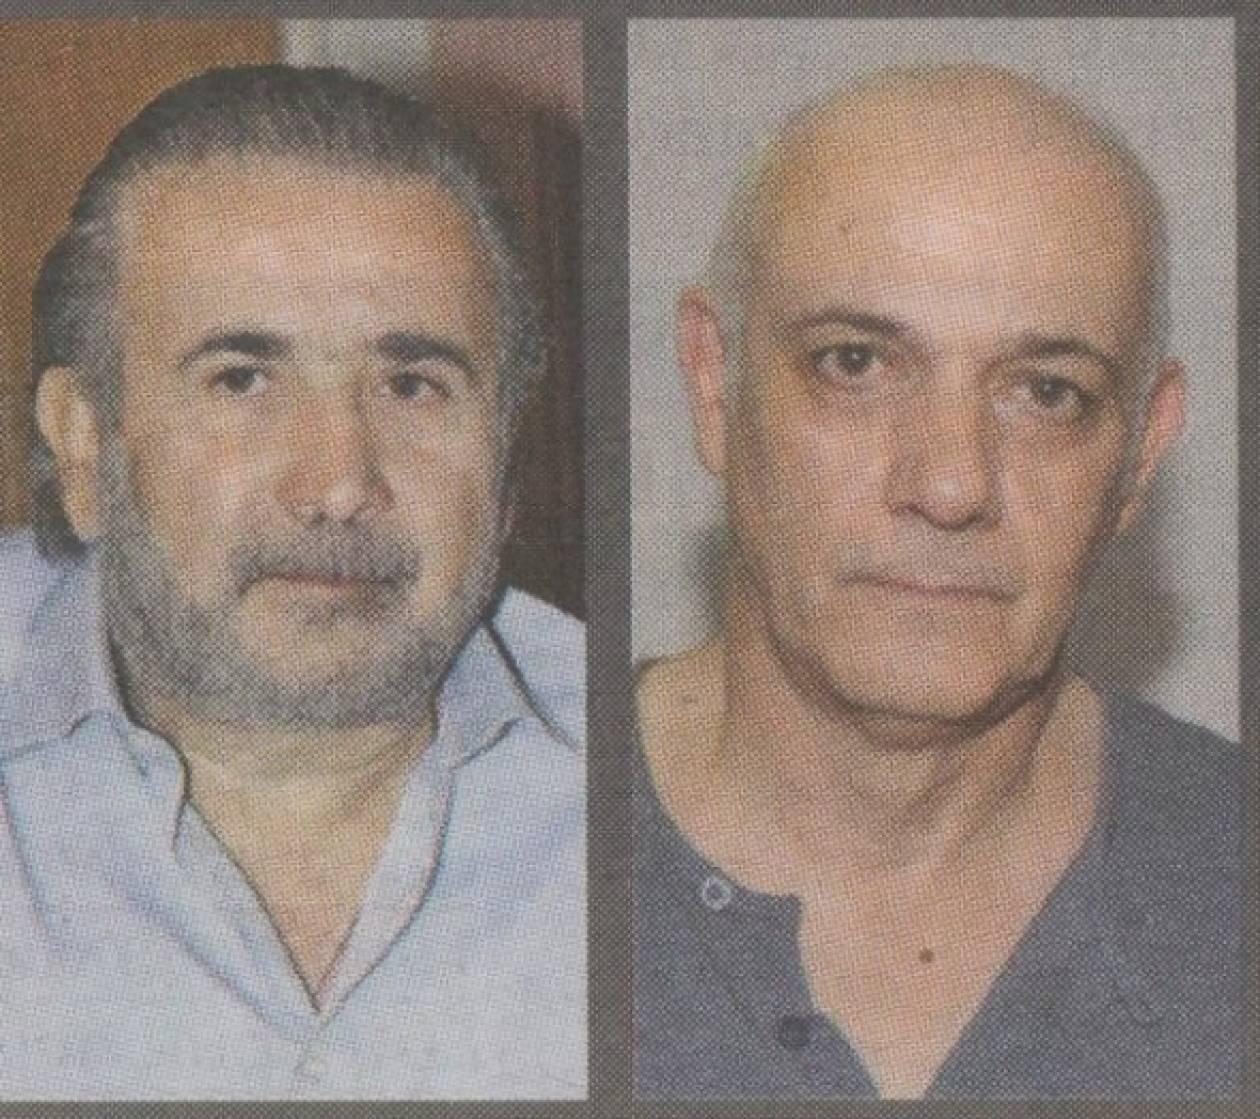 Λαζόπουλος-Κιμούλης: Υποψήφιοι για τον Δήμο της Αθήνας;